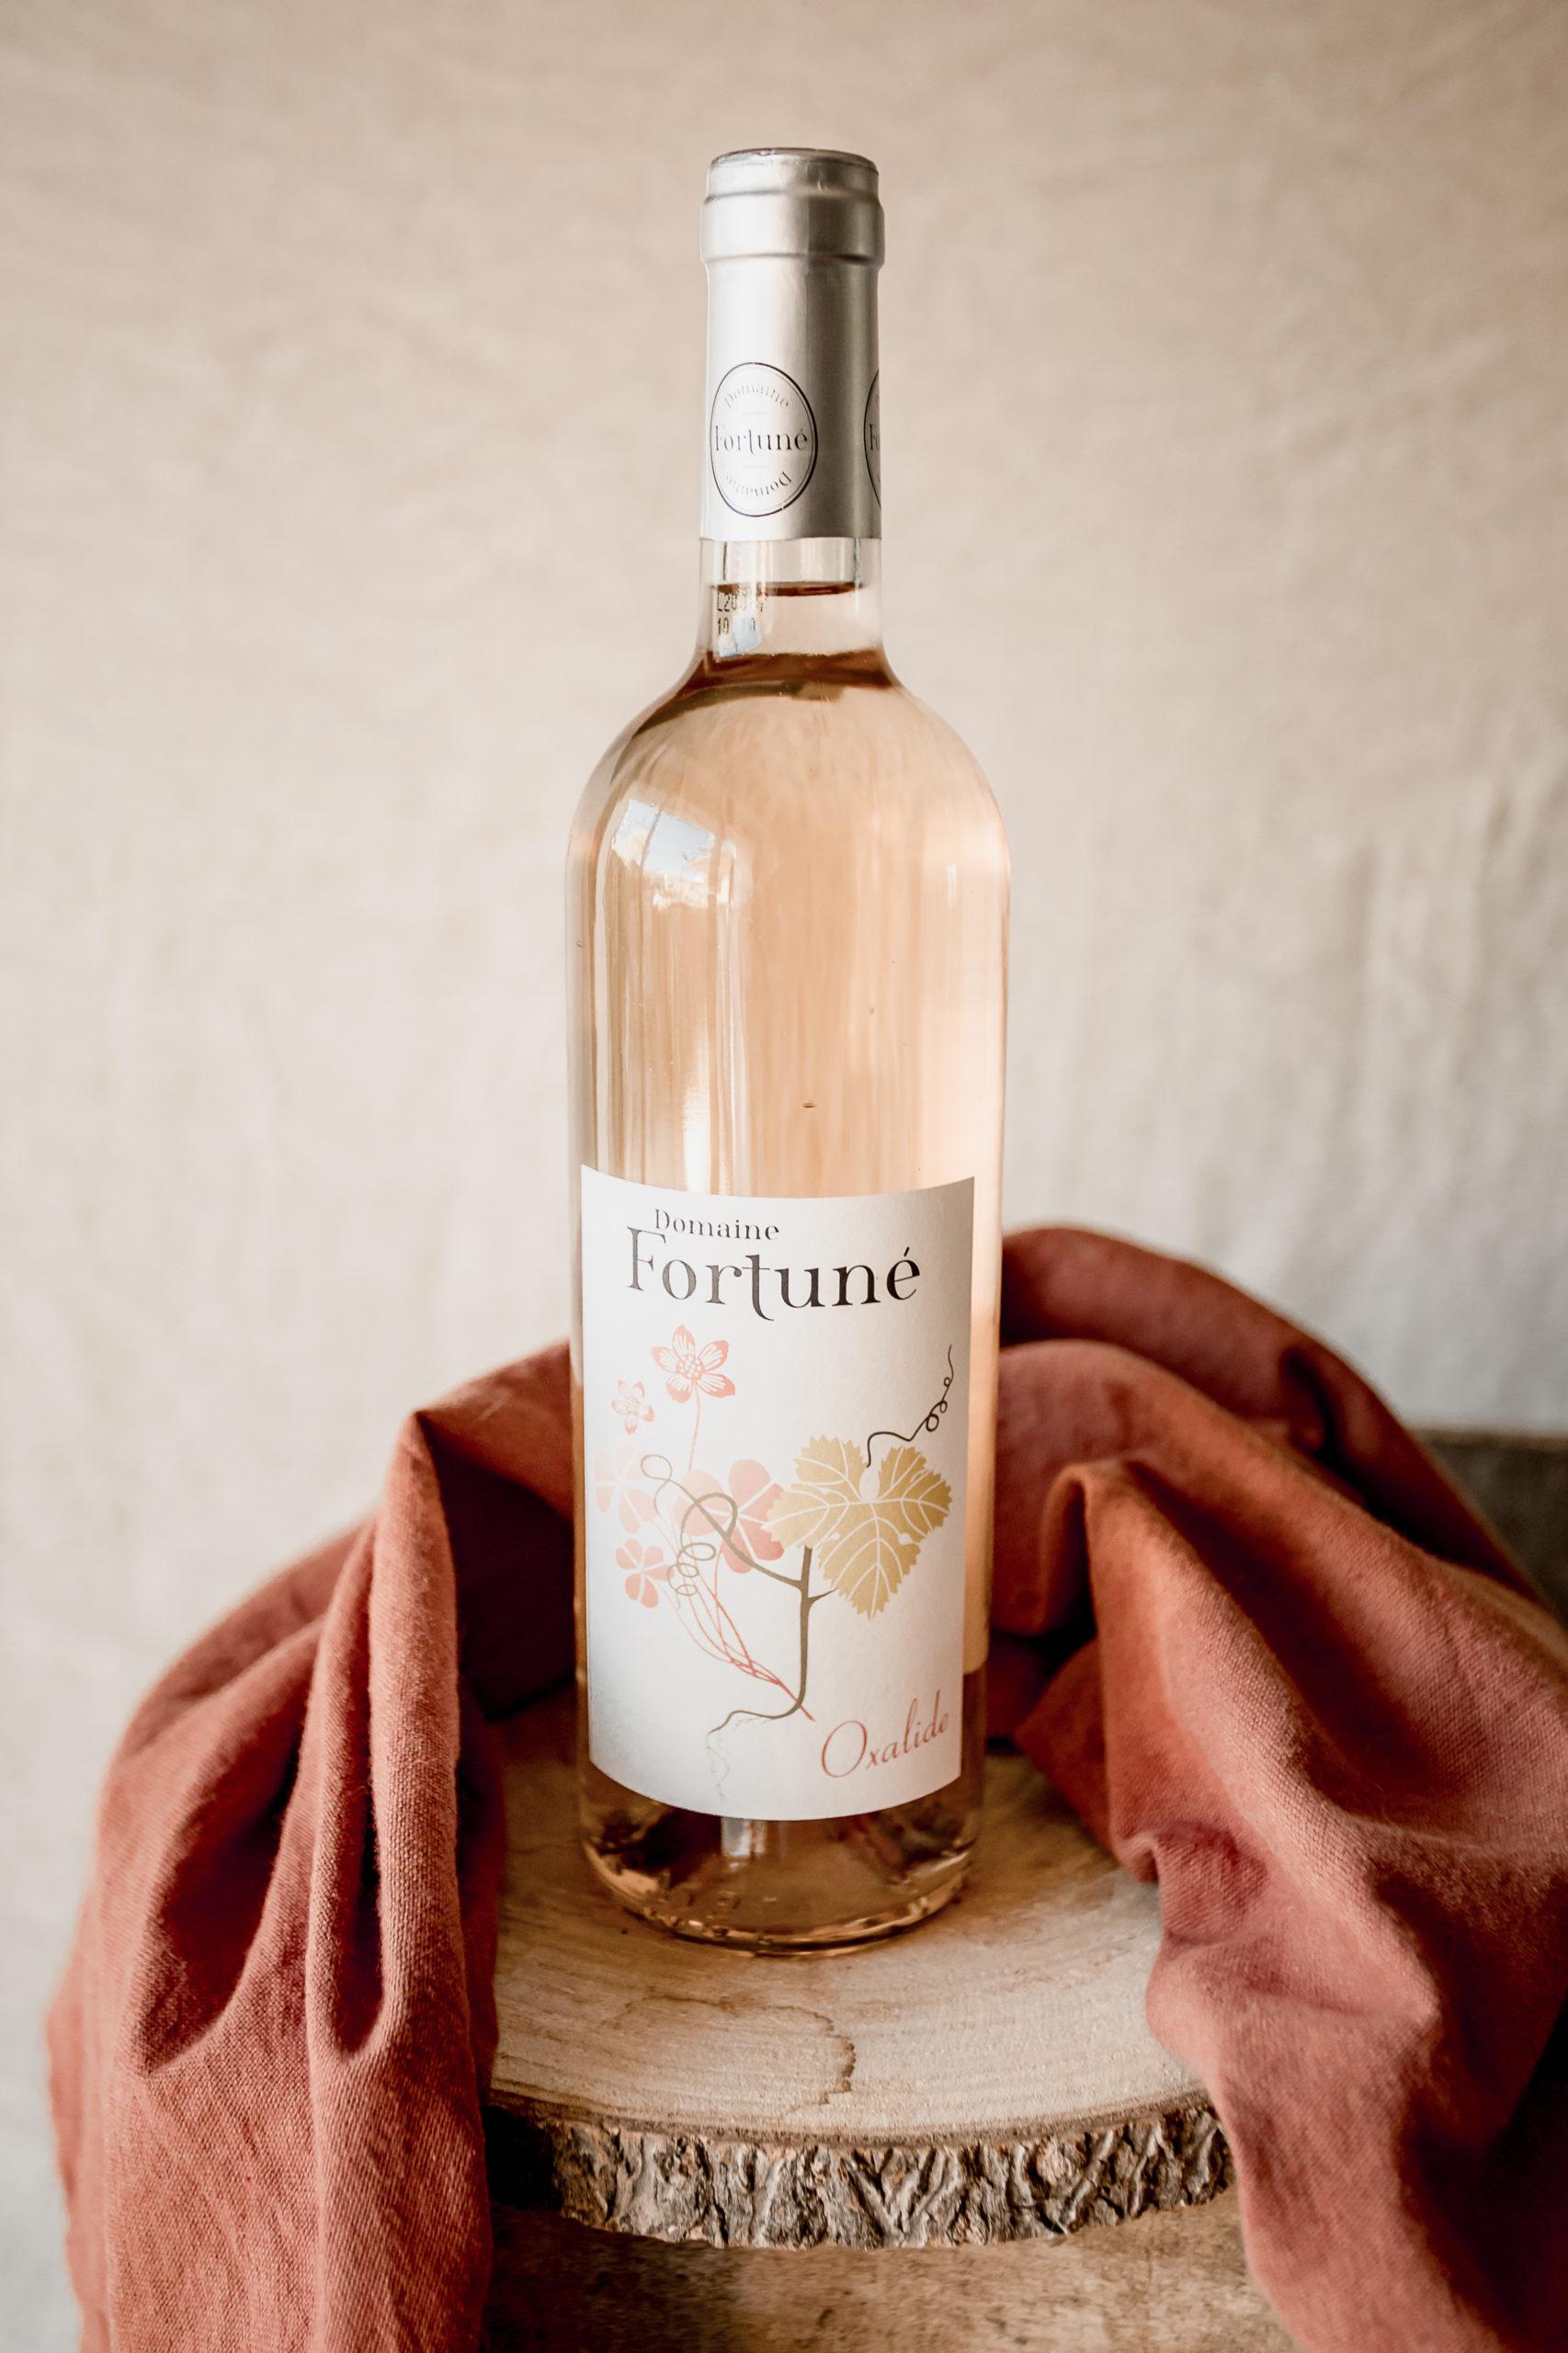 Vin bio rosé Oxalyde : bouteille et verre de vin